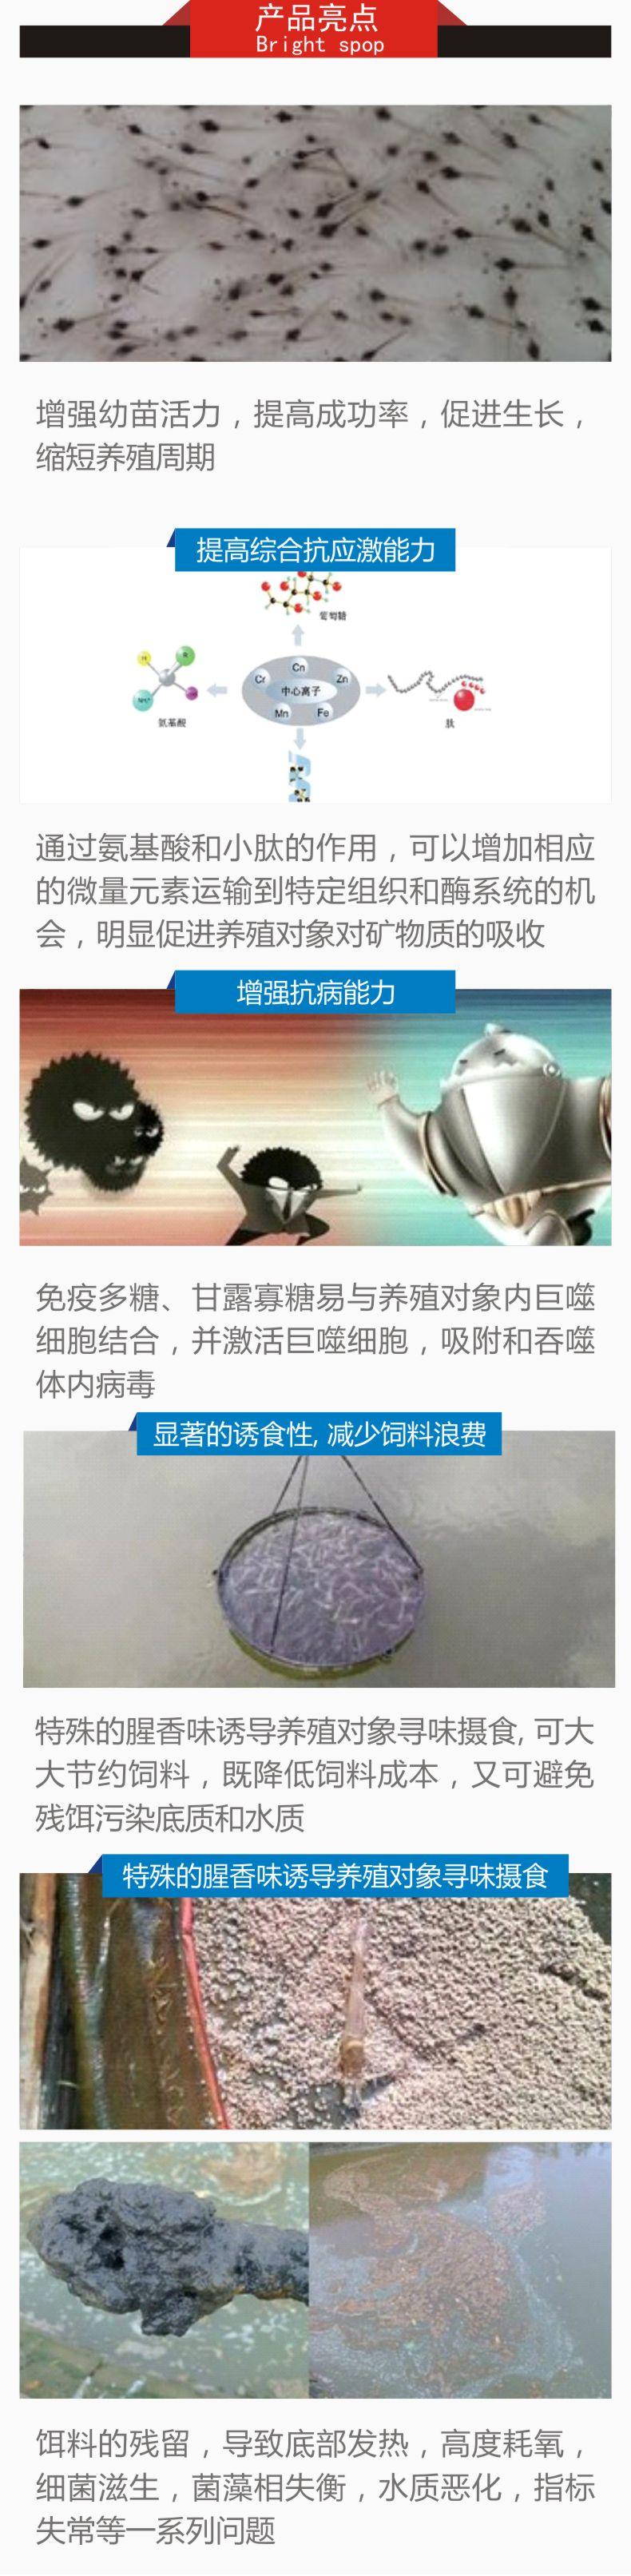 https://wap.haoyz.cn/attachment/images/1/2017/09/iQV2e53P8qBkxJ3Q33g5Q55B5yjpbV.jpg